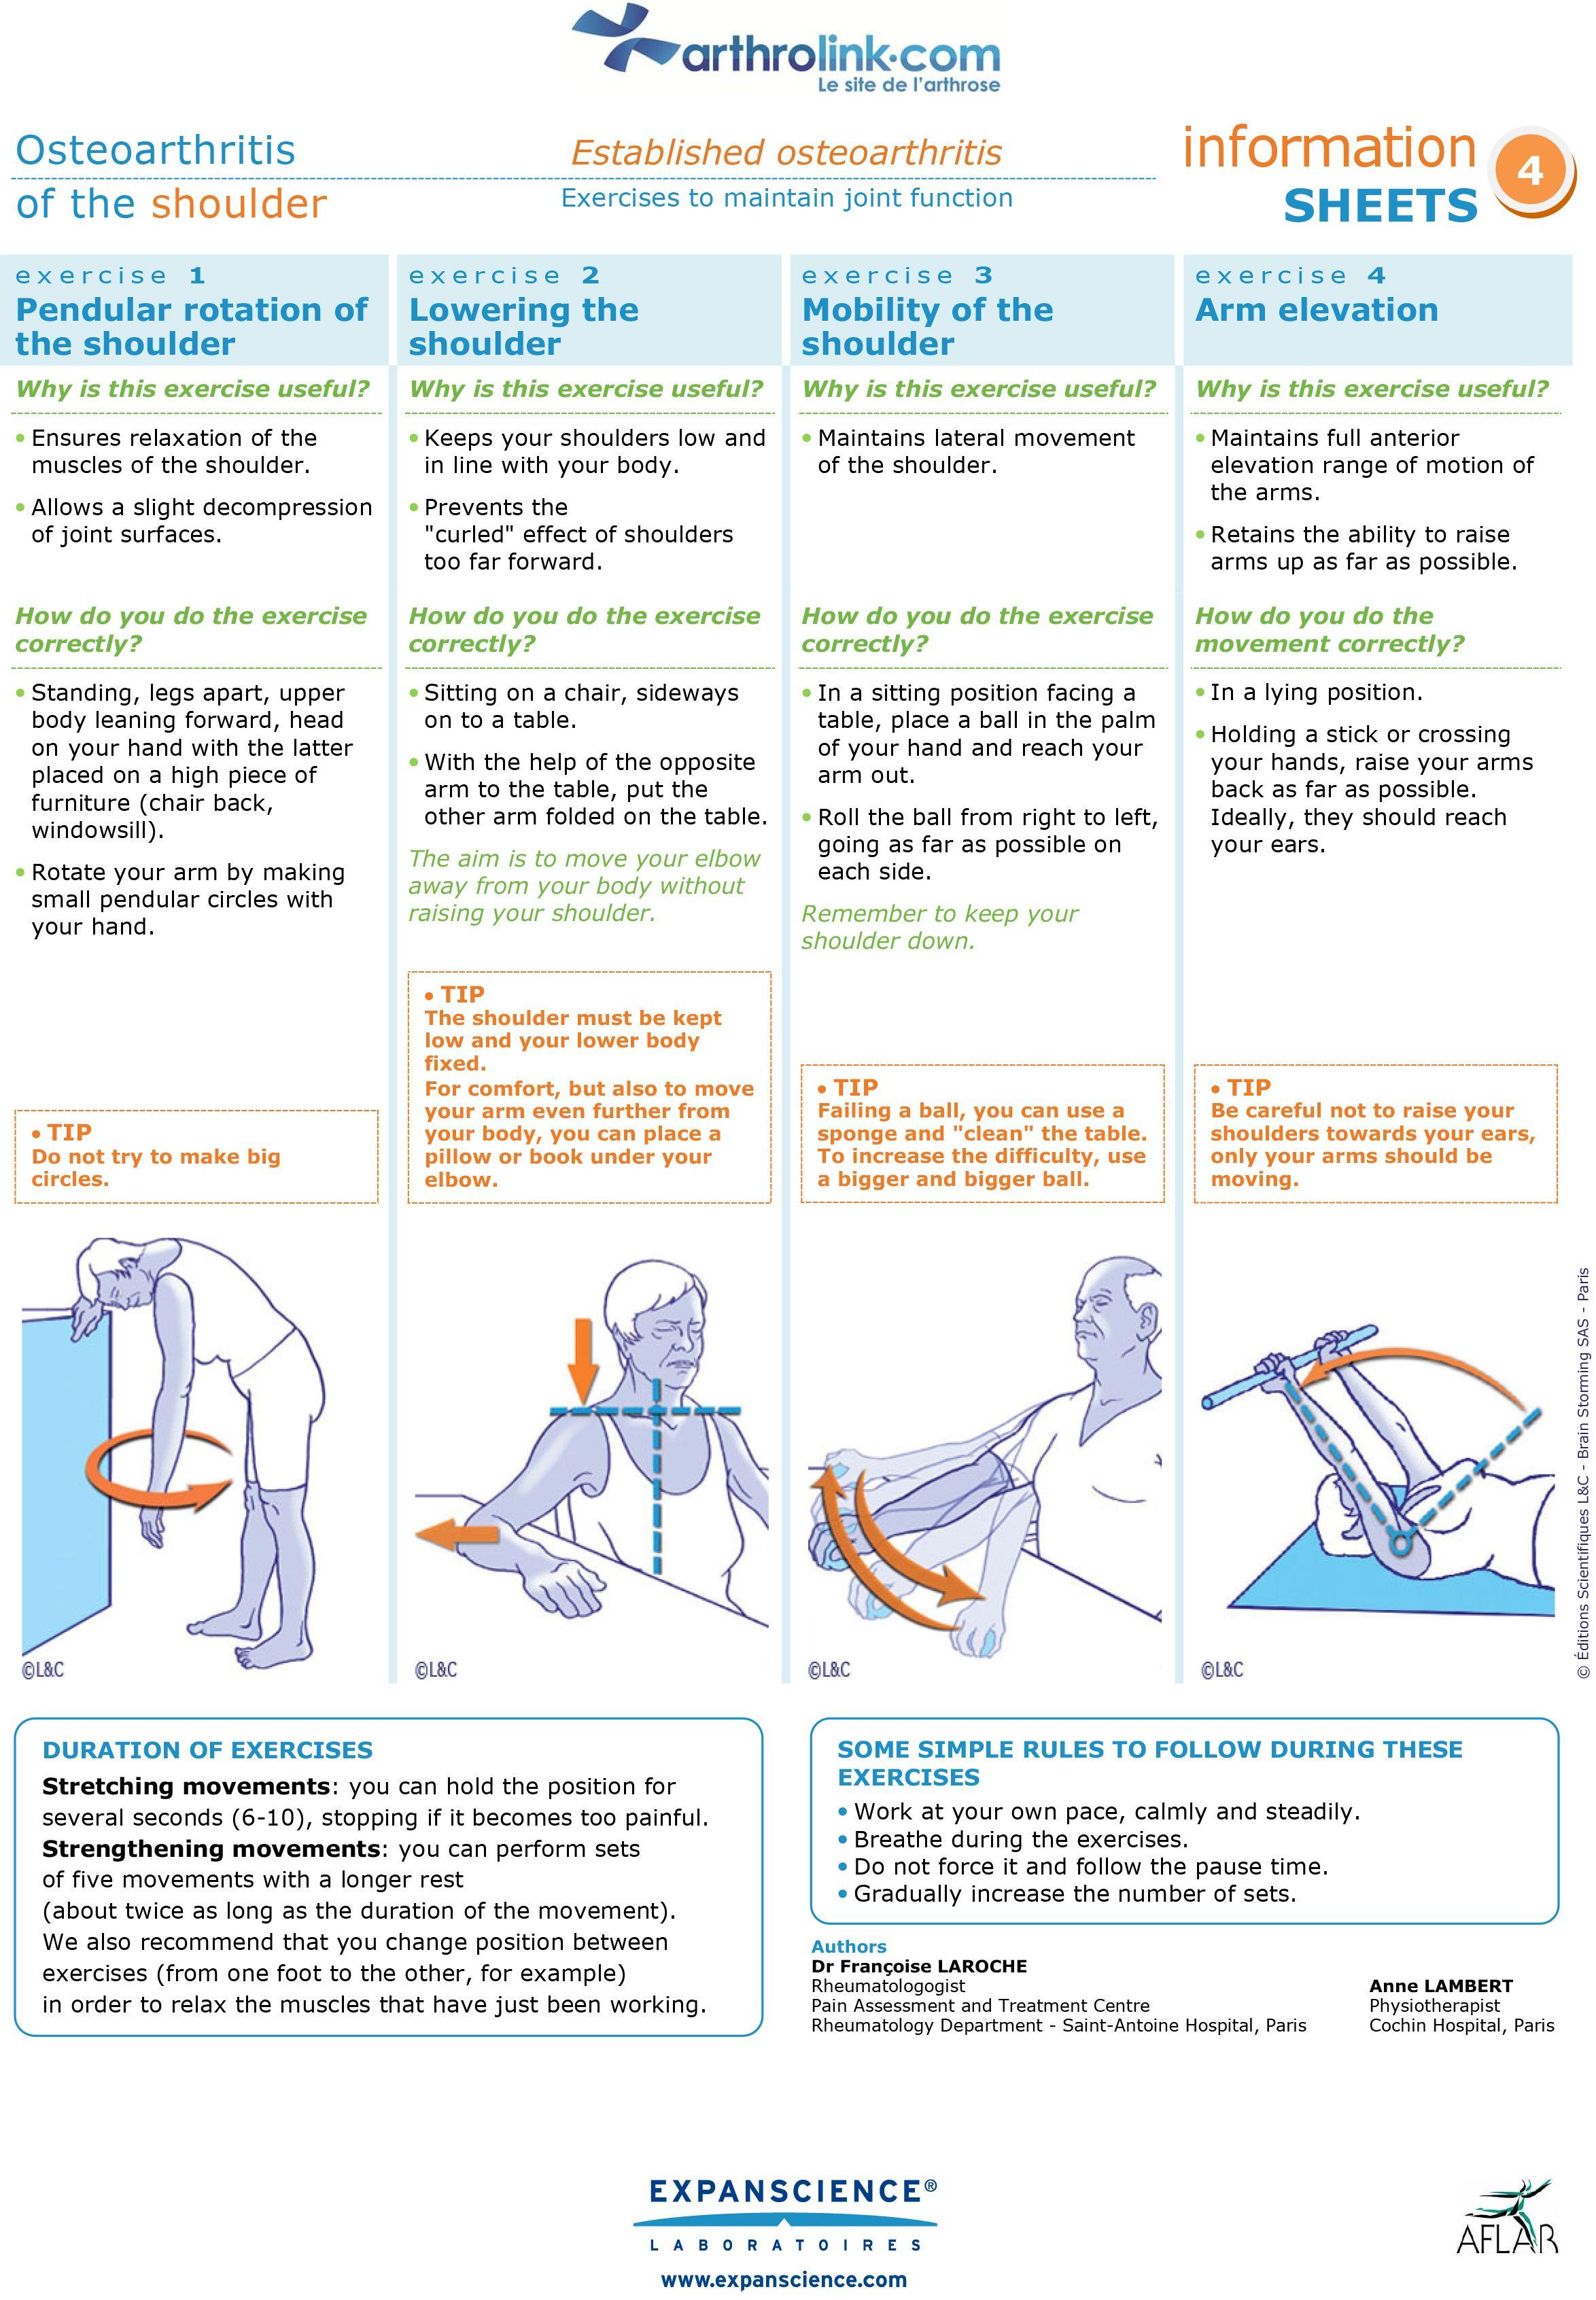 Established Osteoarthritis Of The Shoulder